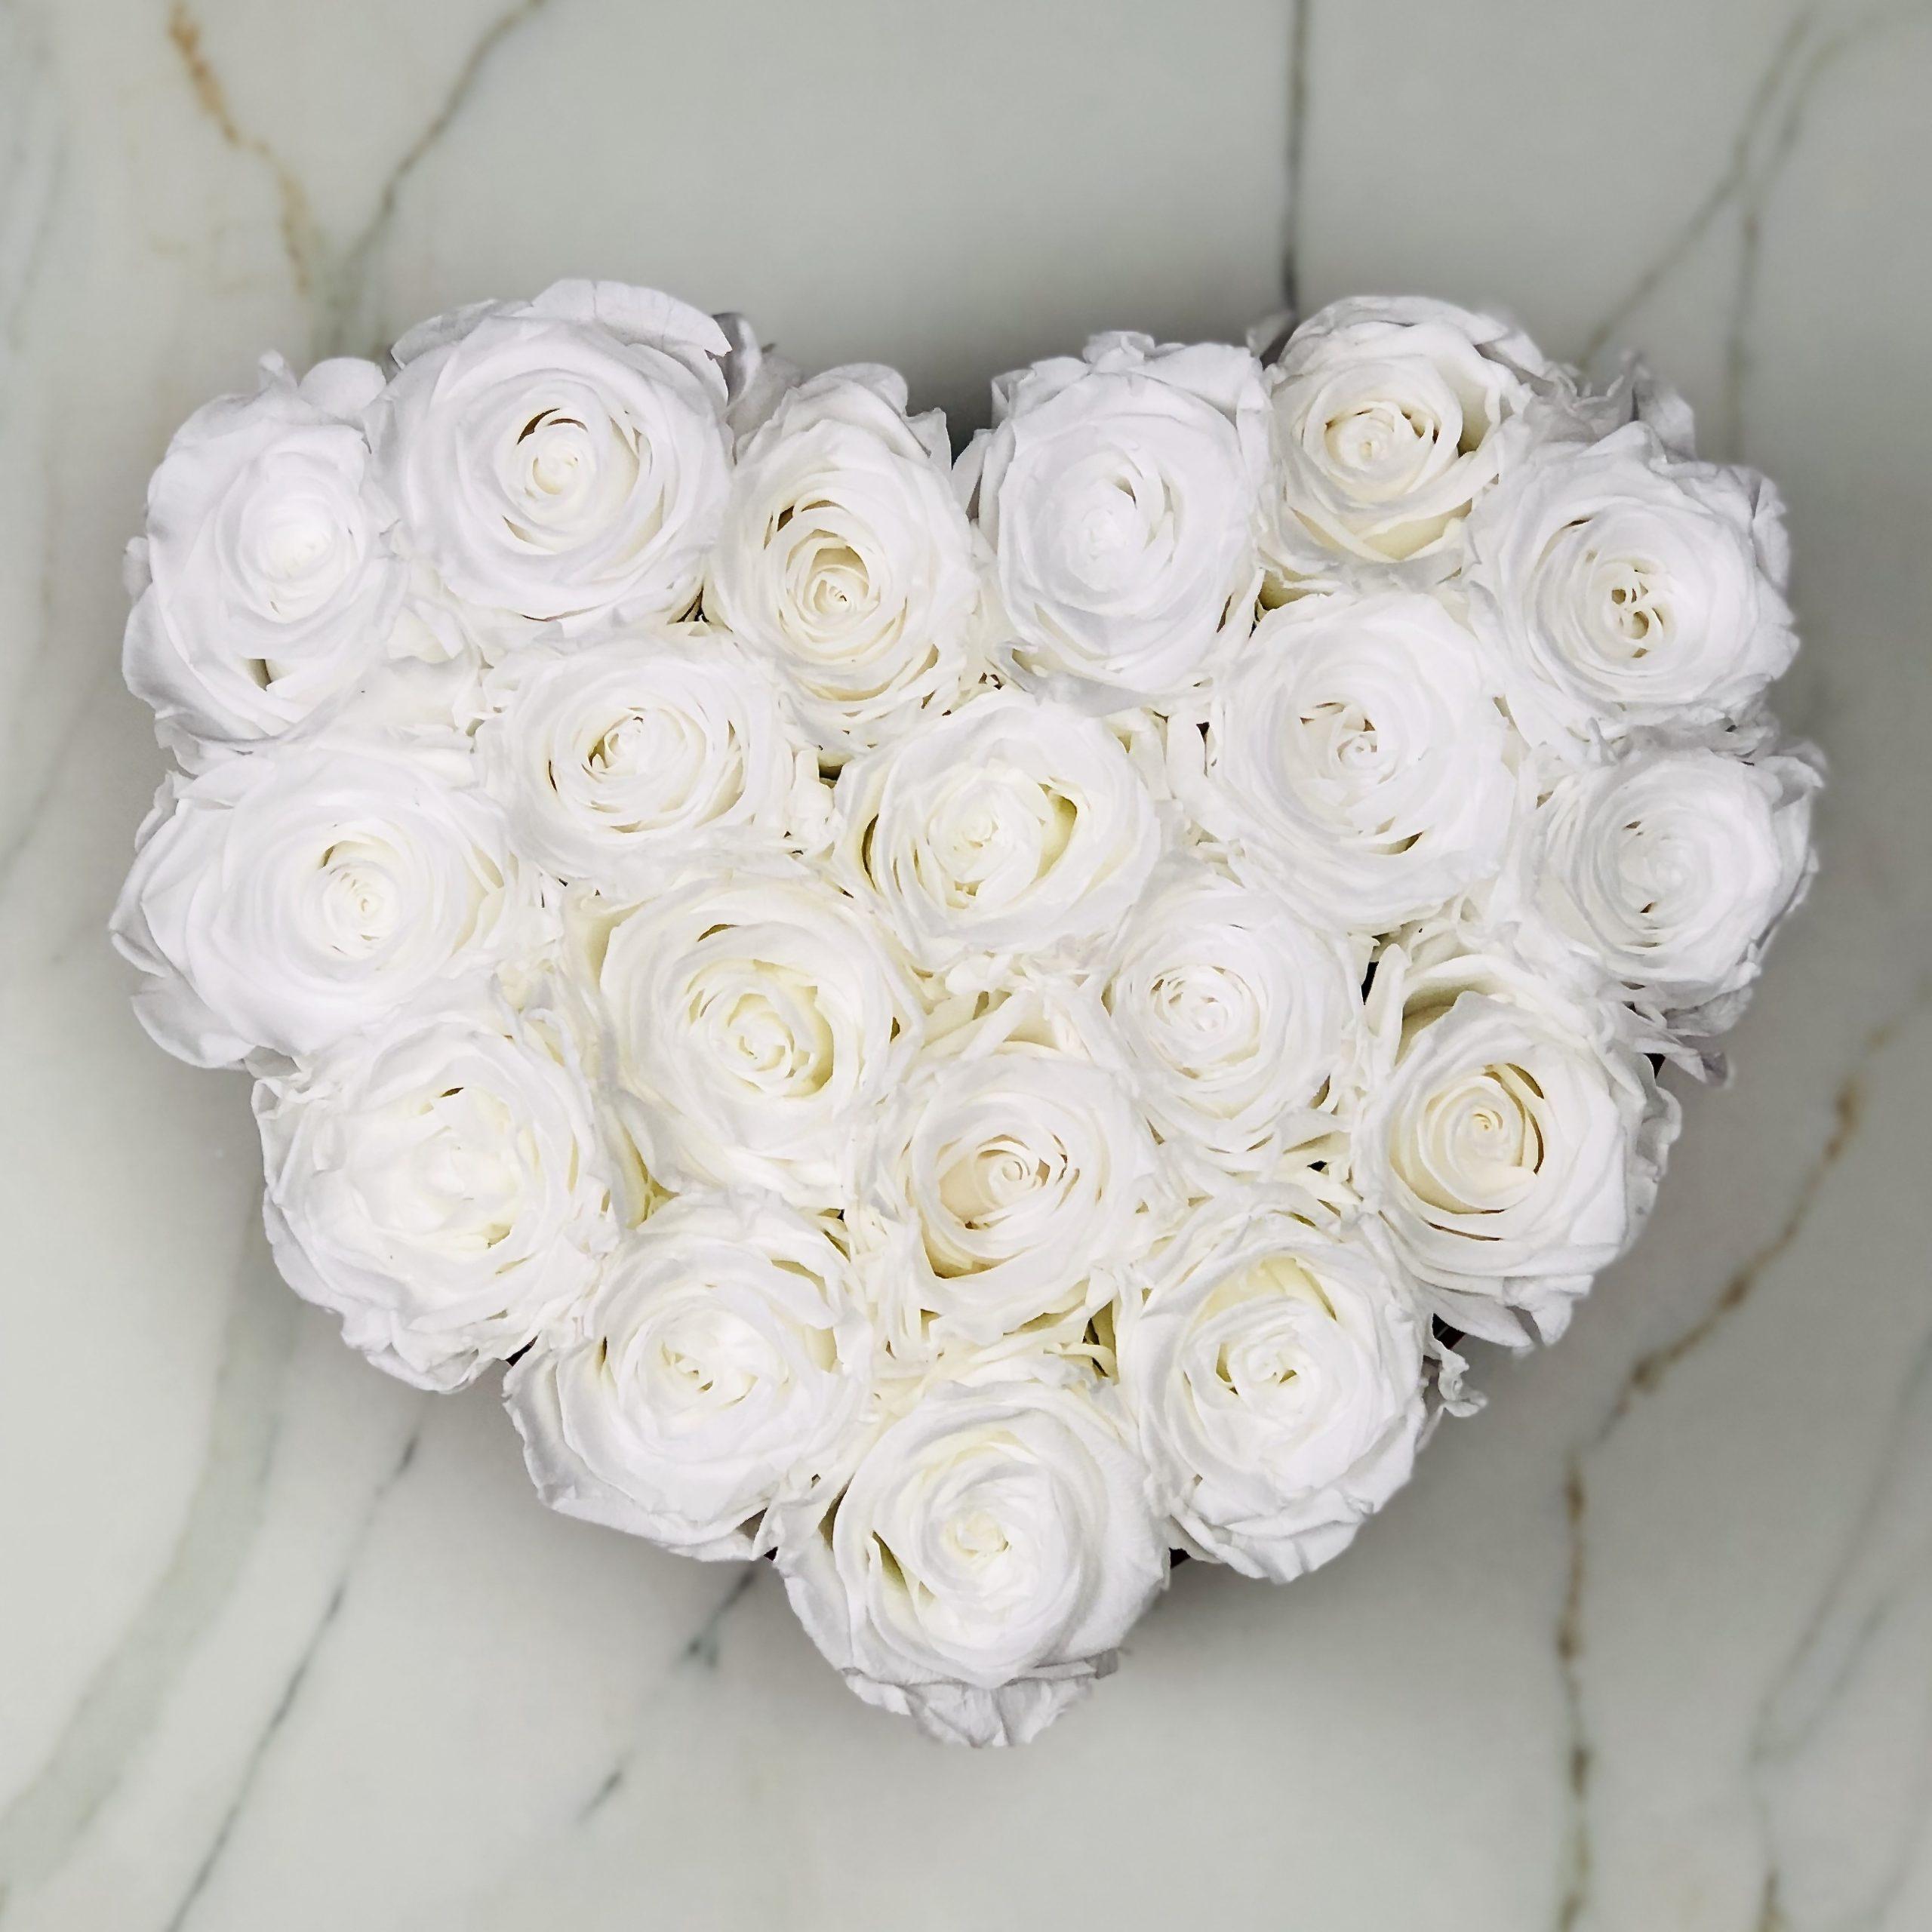 19 White Rosor Hjärt